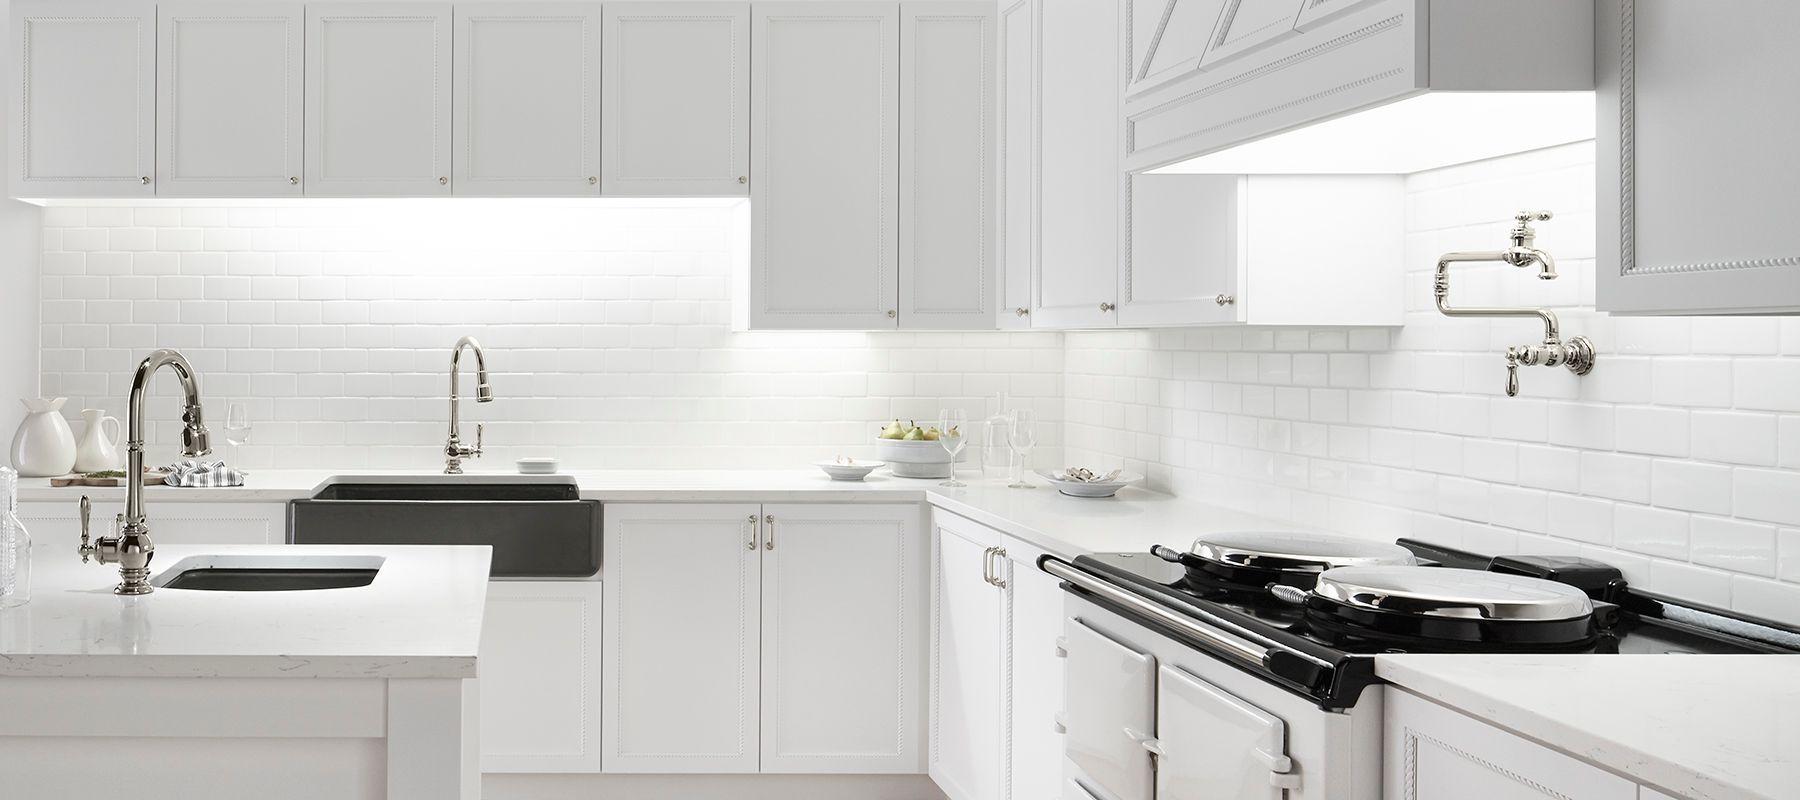 Küche Waschbecken Armaturen | Küche | Pinterest | Küche waschbecken ...